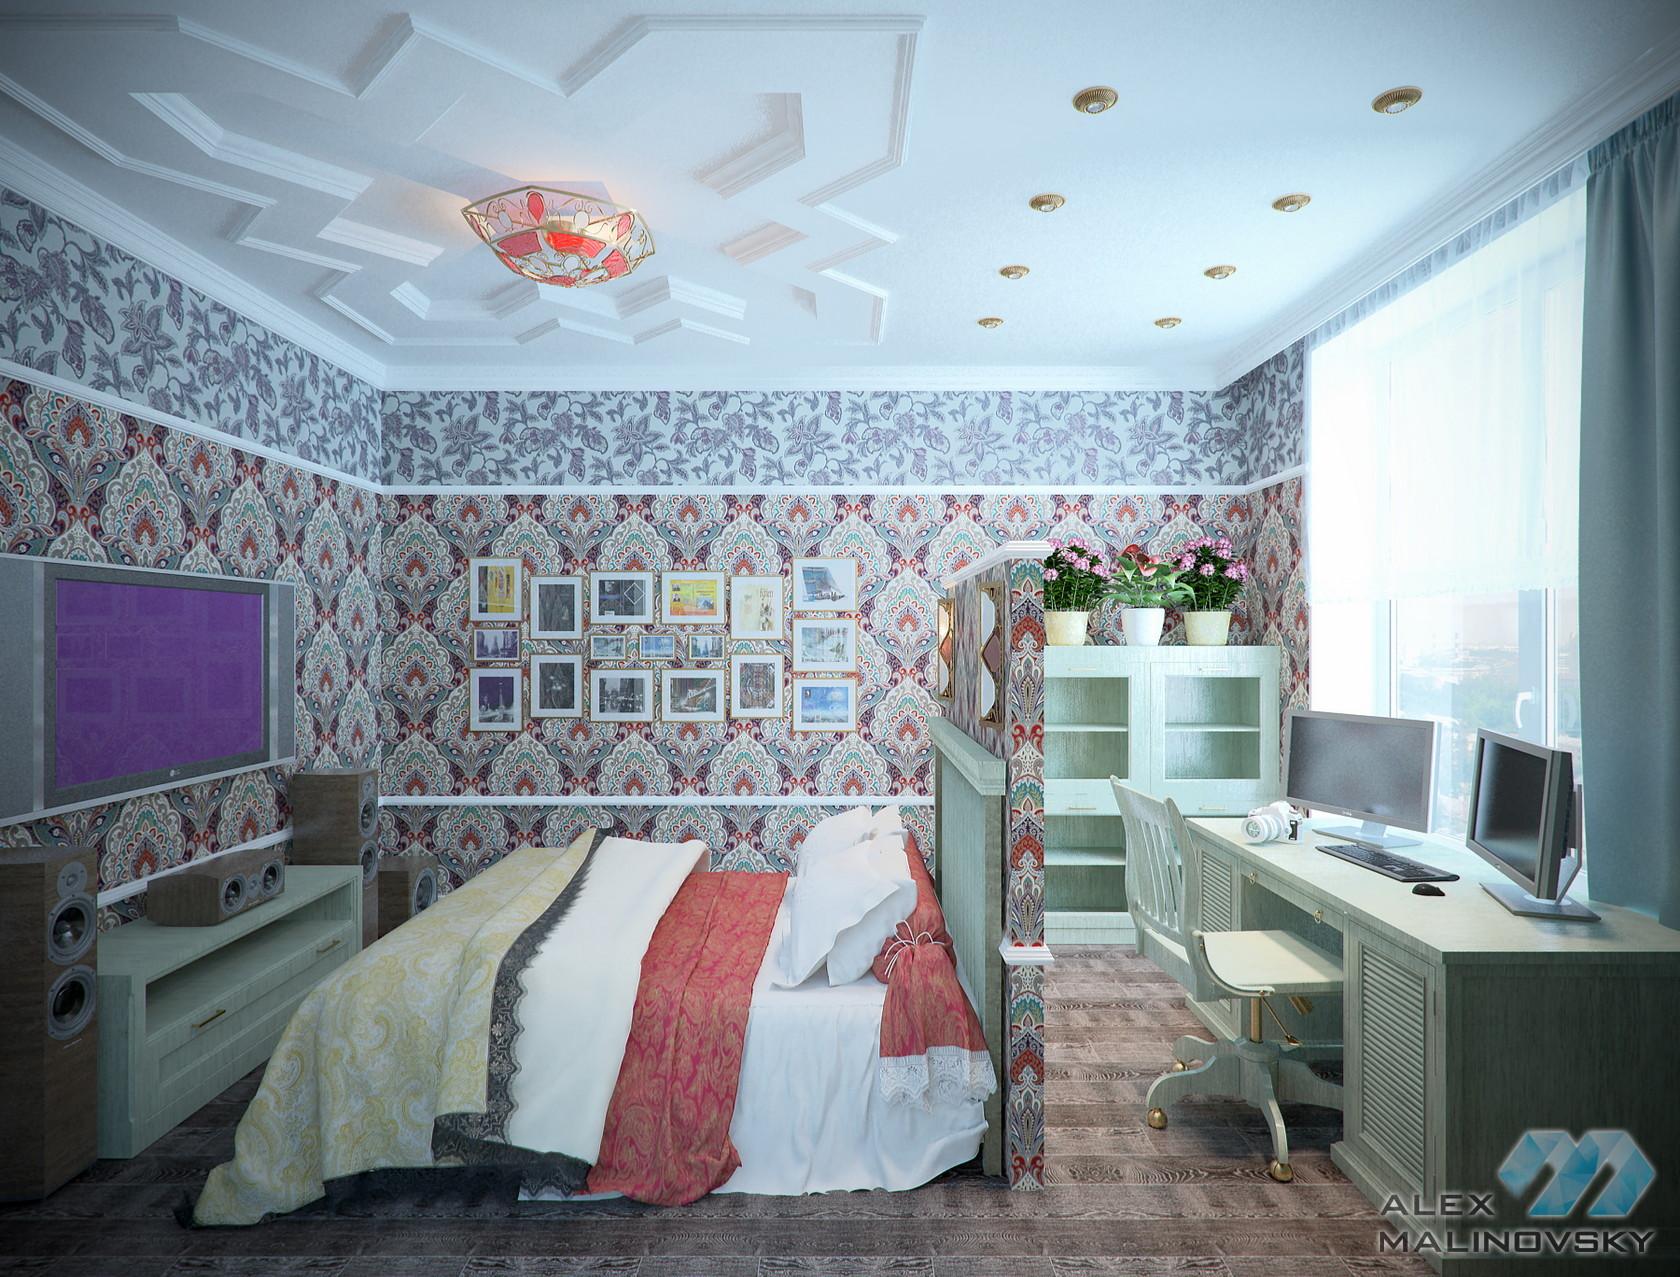 Спальня-кабинет, 2х комнатная квартира, ЖК Веллтонпарк, Москва